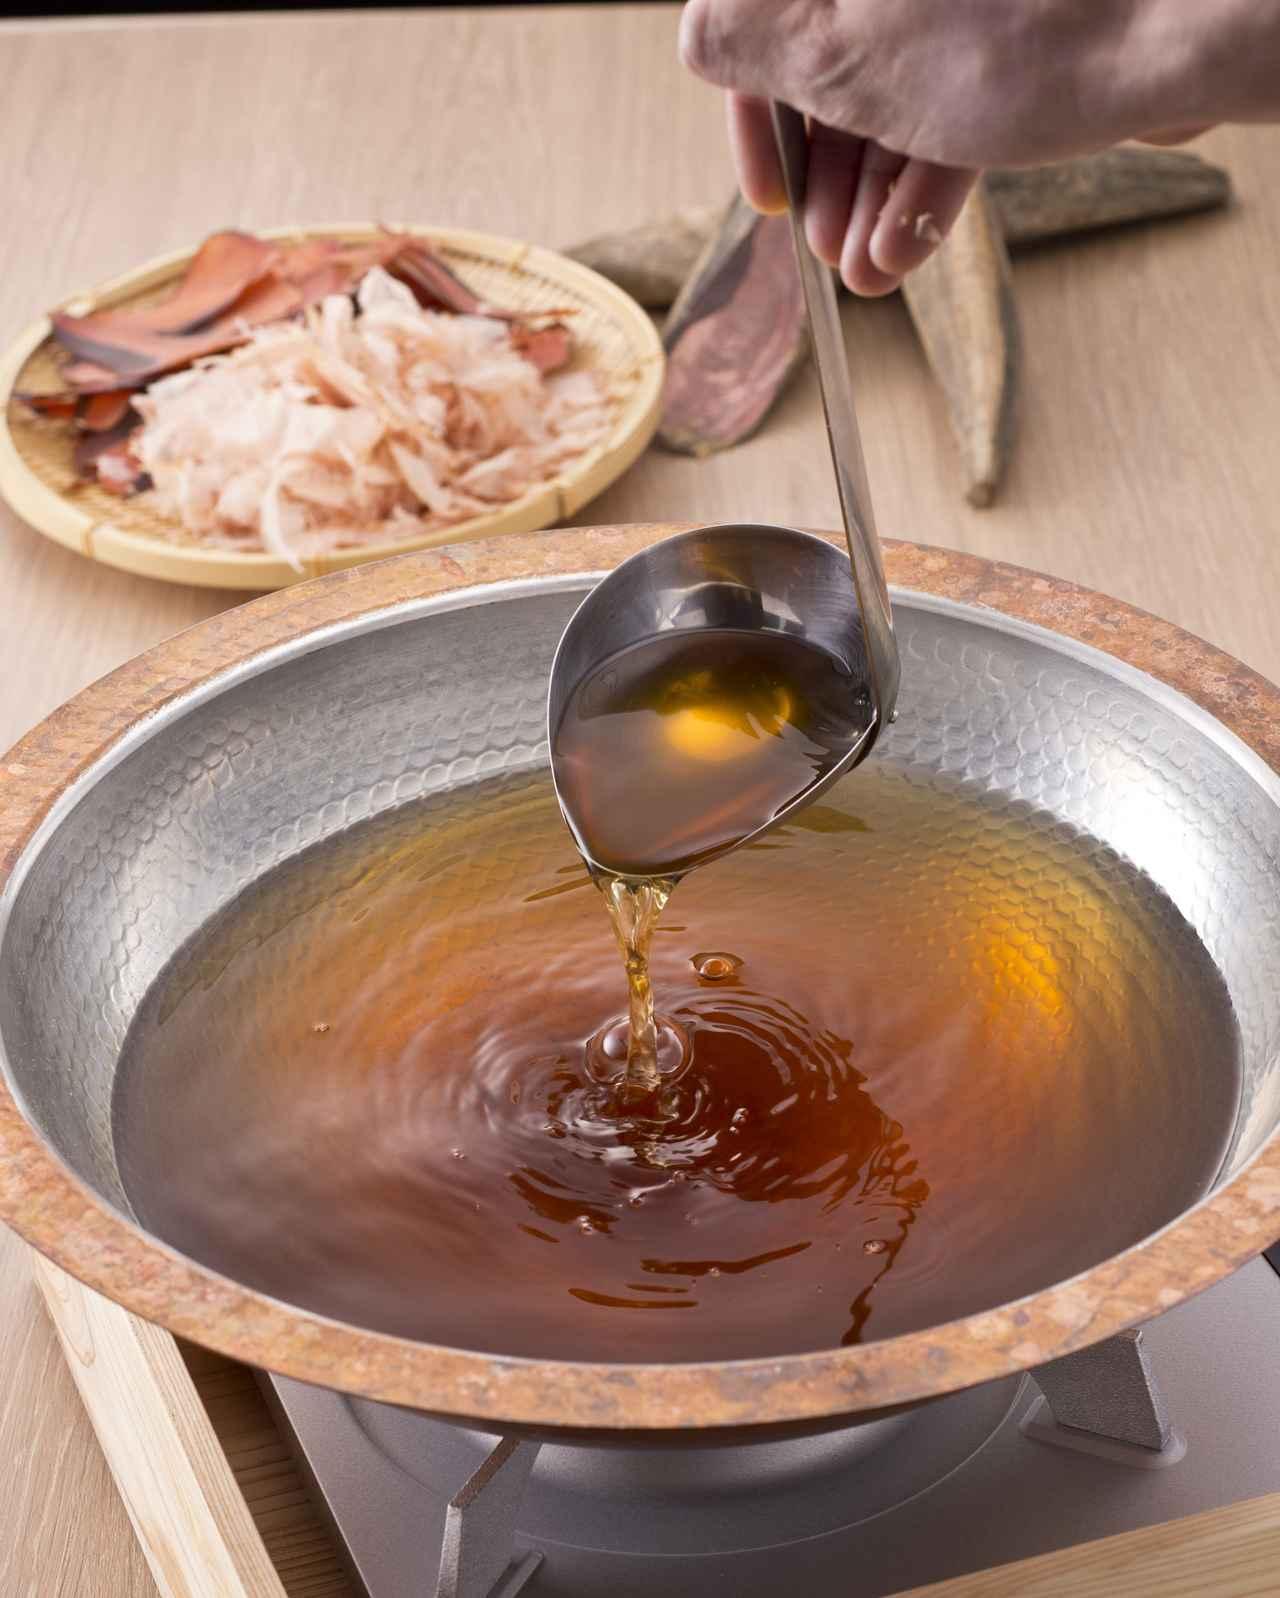 画像: 鰹節は「にんべんの鰹節」を使用・・・・ 1699年創業以来、300年以上も日本食の出汁文化を支えてきた鰹節専門店。当店の鰹節は、 にんべんの本節を使用しています。